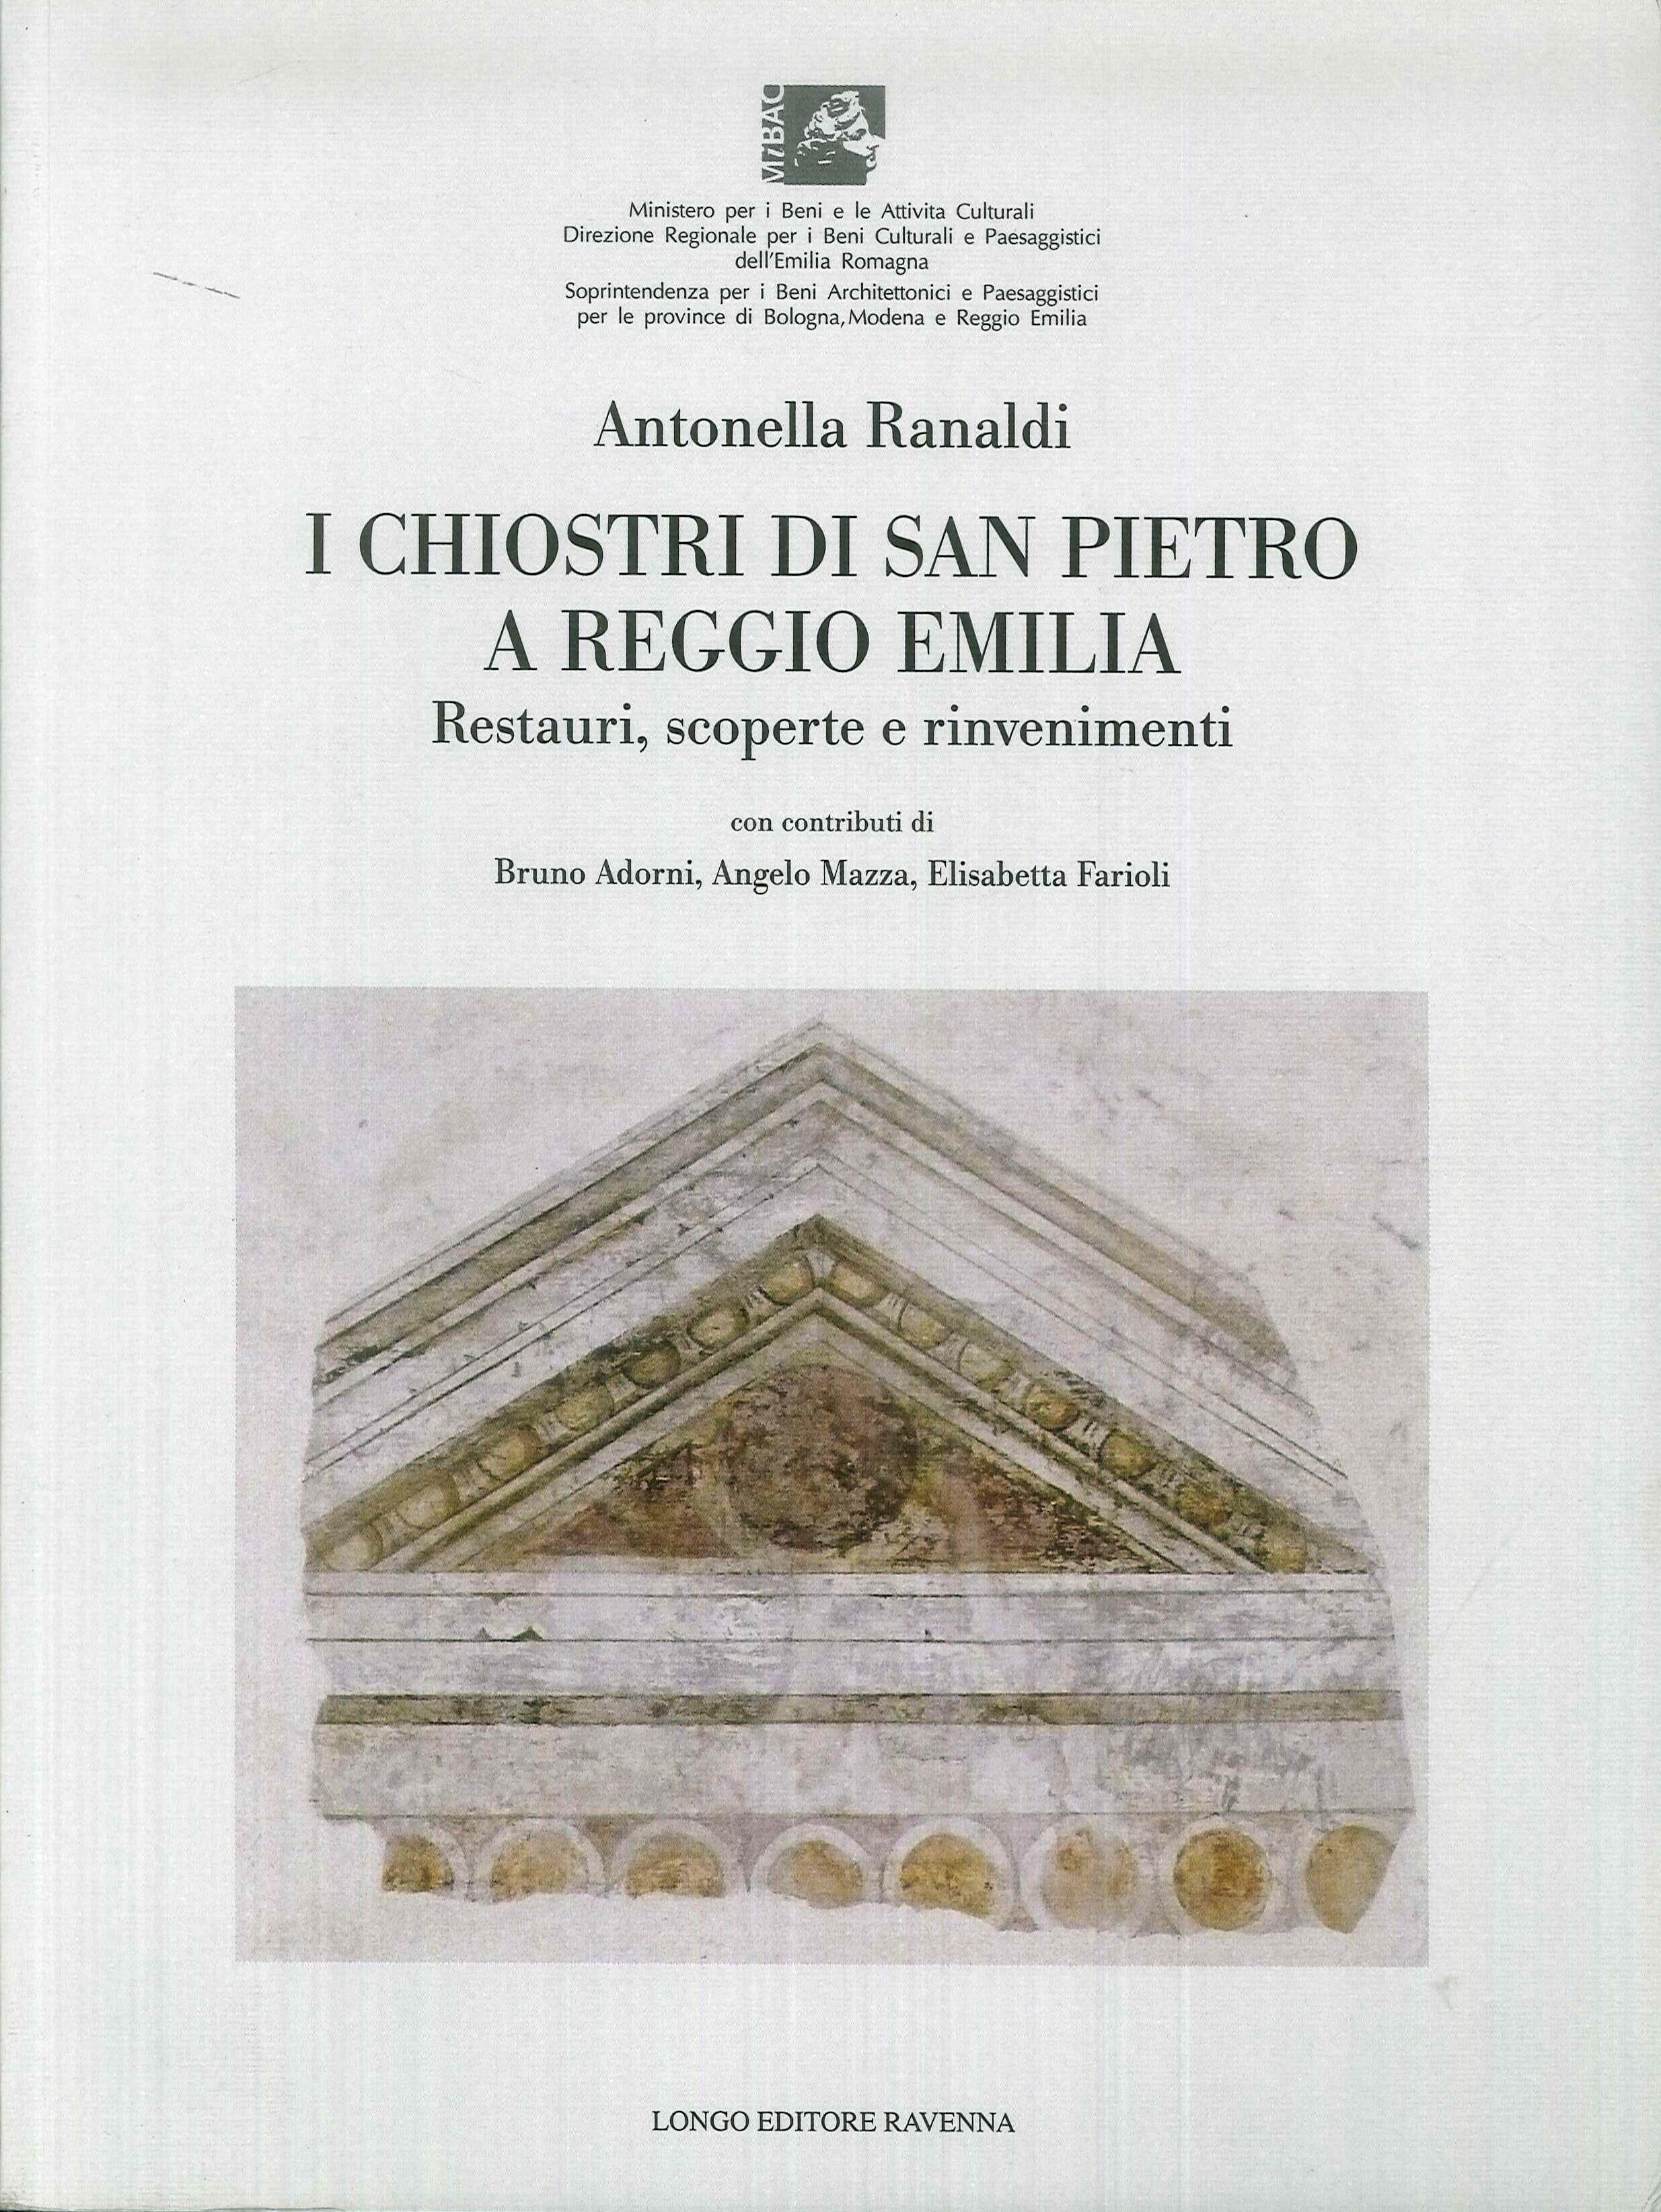 I Chiostri di San Pietro a Reggio Emilia. Restauri, Scoperte e Rinvenimenti